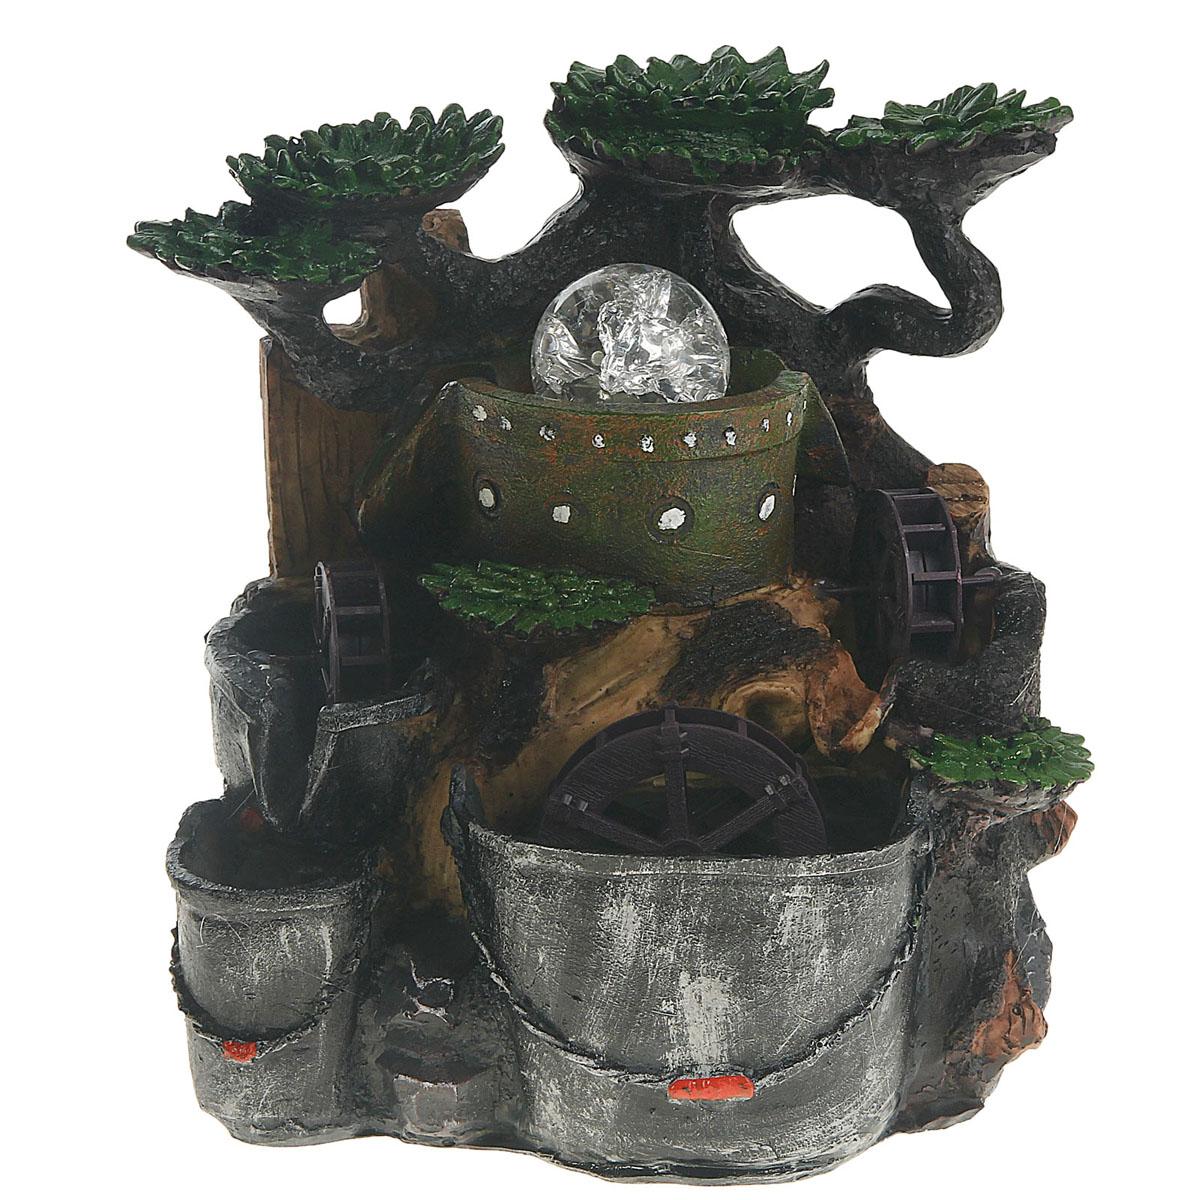 Фонтан Sima-land Мельница. Три мельницы851097Фонтан Sima-land Мельница. Три мельницы, изготовленный из полистоуна, украсит интерьер любого помещения. Изделие выполнено в виде композиции из деревьев, ведер, бочки и трех водяных мельниц. Вода спускается с бочки вниз, раскручивая мельницы. Сверху на источнике помещается стеклянный шар, который подсвечивается светодиодами и левитирует над водой при включении фонтана. Журчание и вид воды, стекающей струями из миниатюрного фонтана и искрящейся на солнце, могут изменить облик вашего дома и сада, создавая атмосферу покоя. Фонтан работает при помощи электрического погружного центробежного насоса, входящего в комплект. Интерьерный фонтан хорошо увлажняет воздух, благотворно воздействуя на наш организм и создавая здоровый климат. УВАЖАЕМЫЕ КЛИЕНТЫ! Обращаем ваше внимание на то, что фонтан работает от сети 220V. Размер фонтана: 24 см х 21 см х 23 см. Длина провода: 145 см.